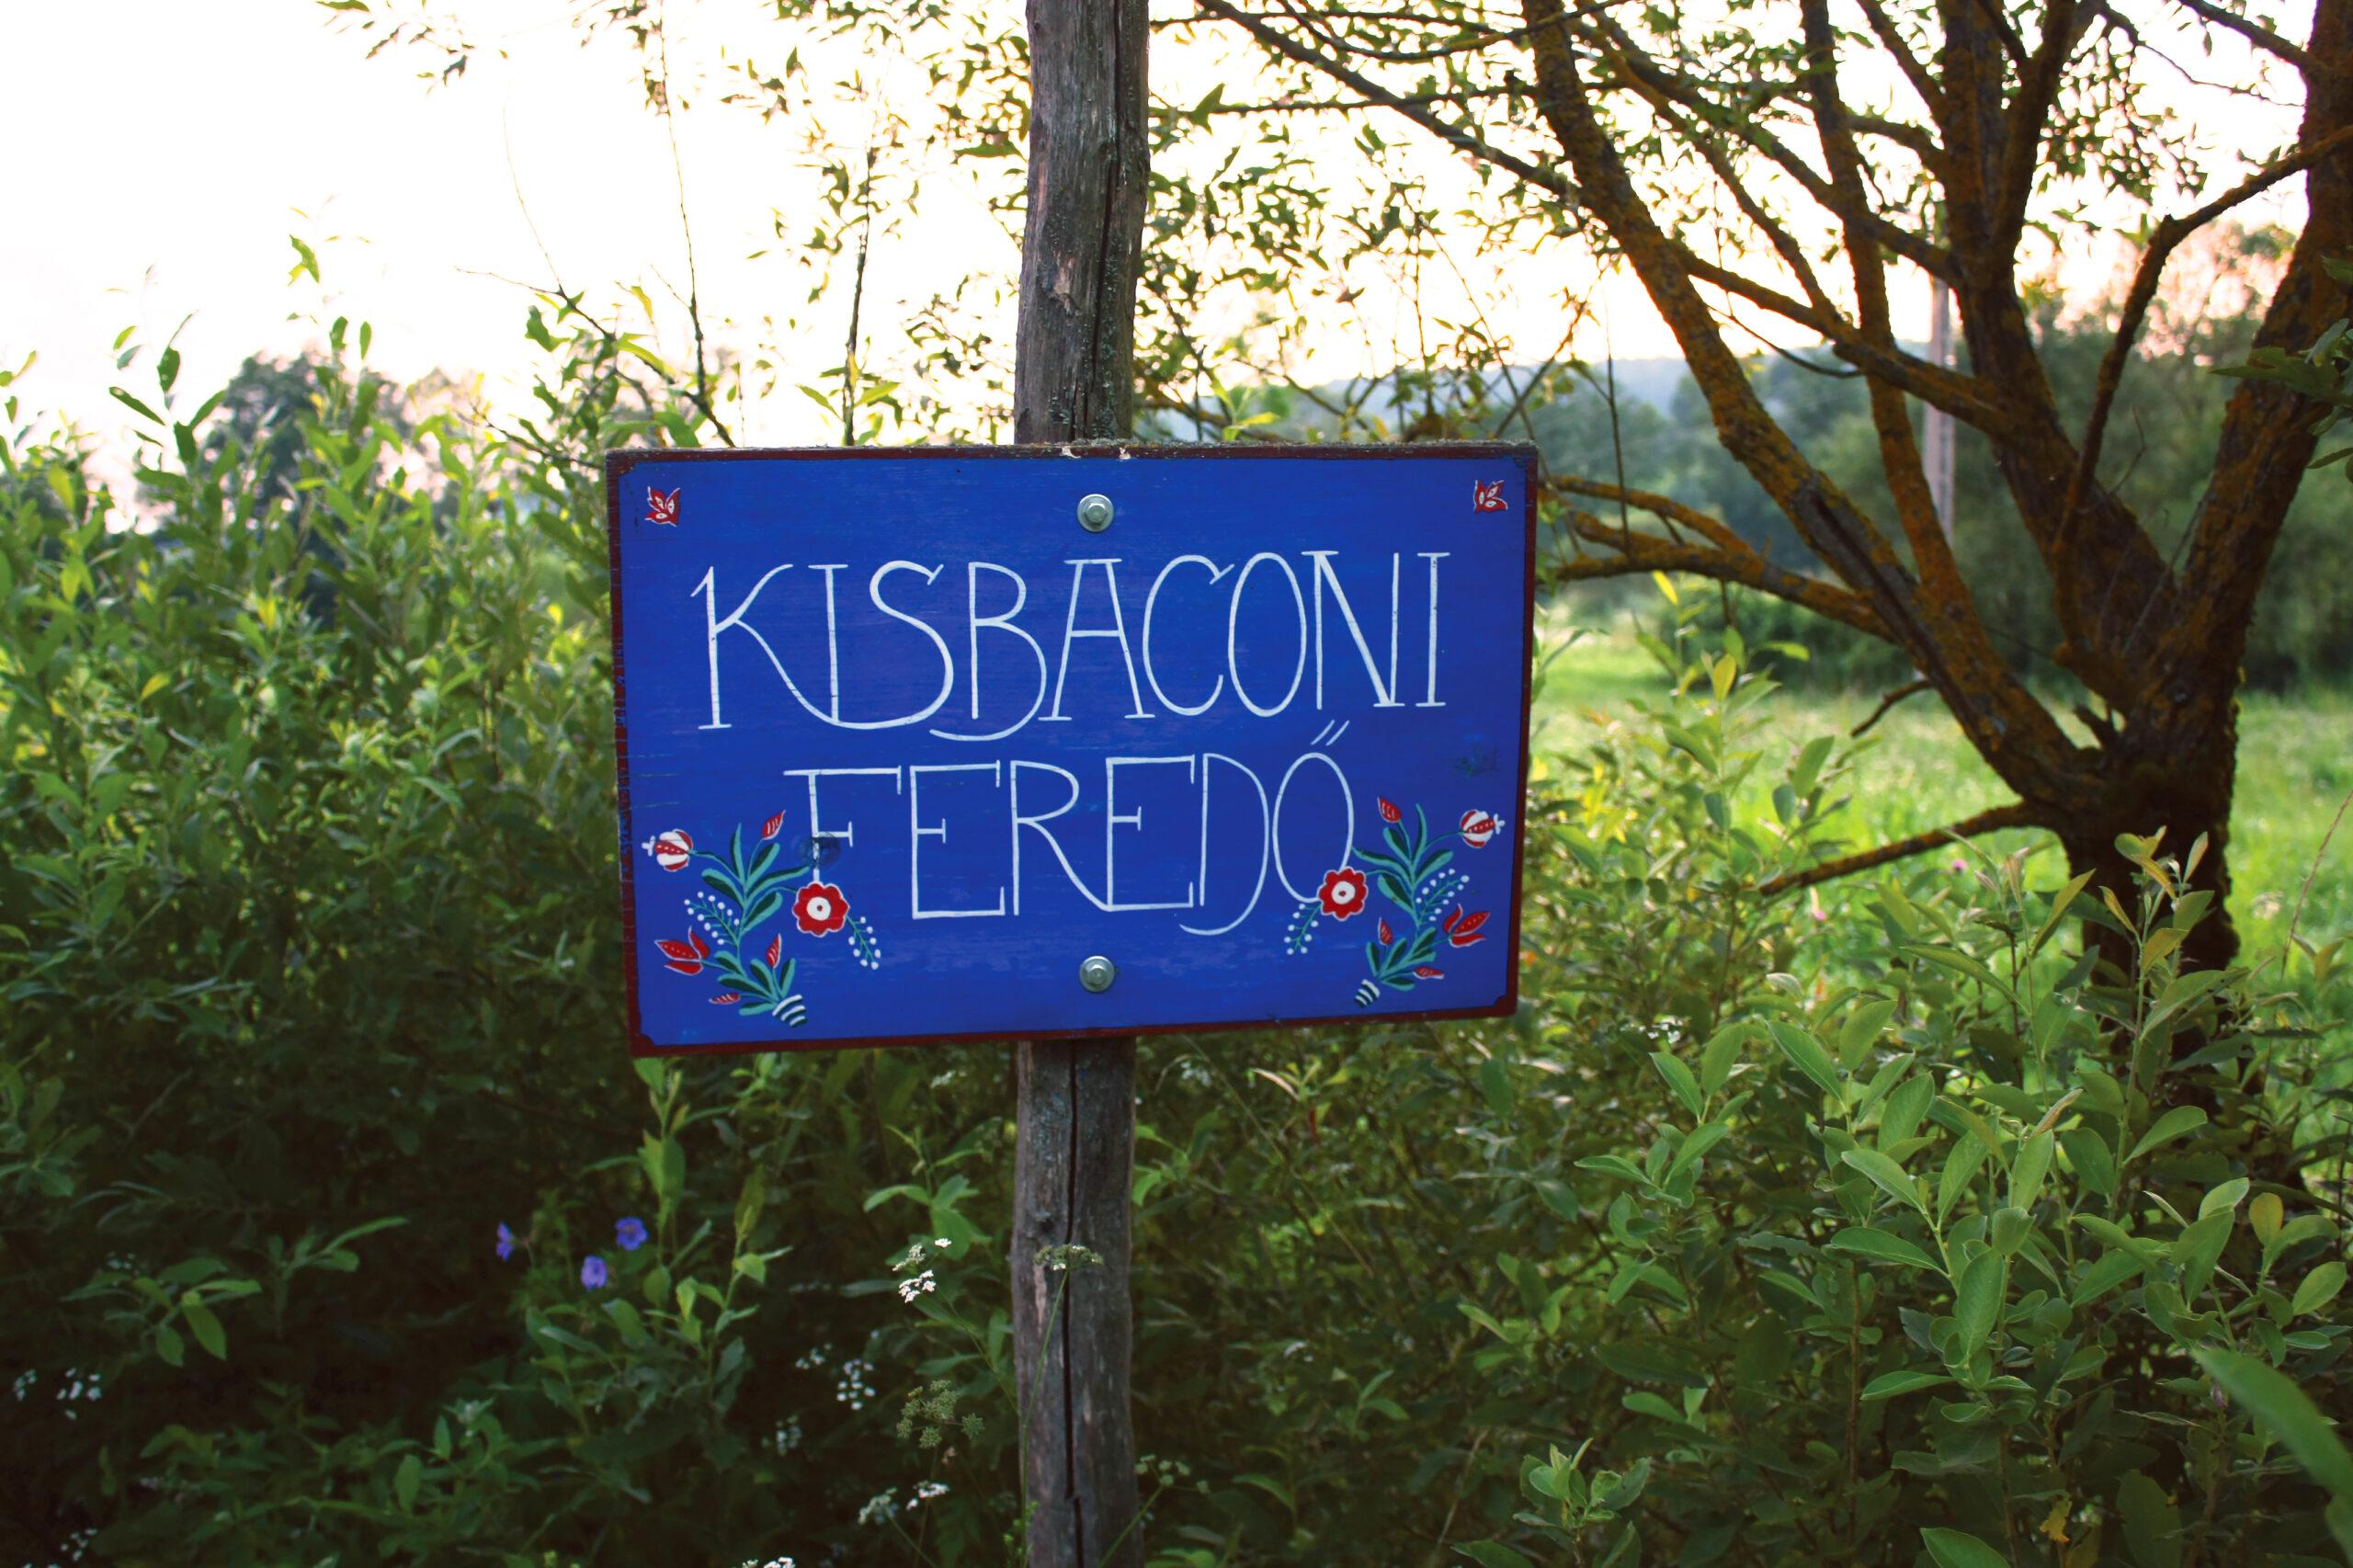 Kisbacon